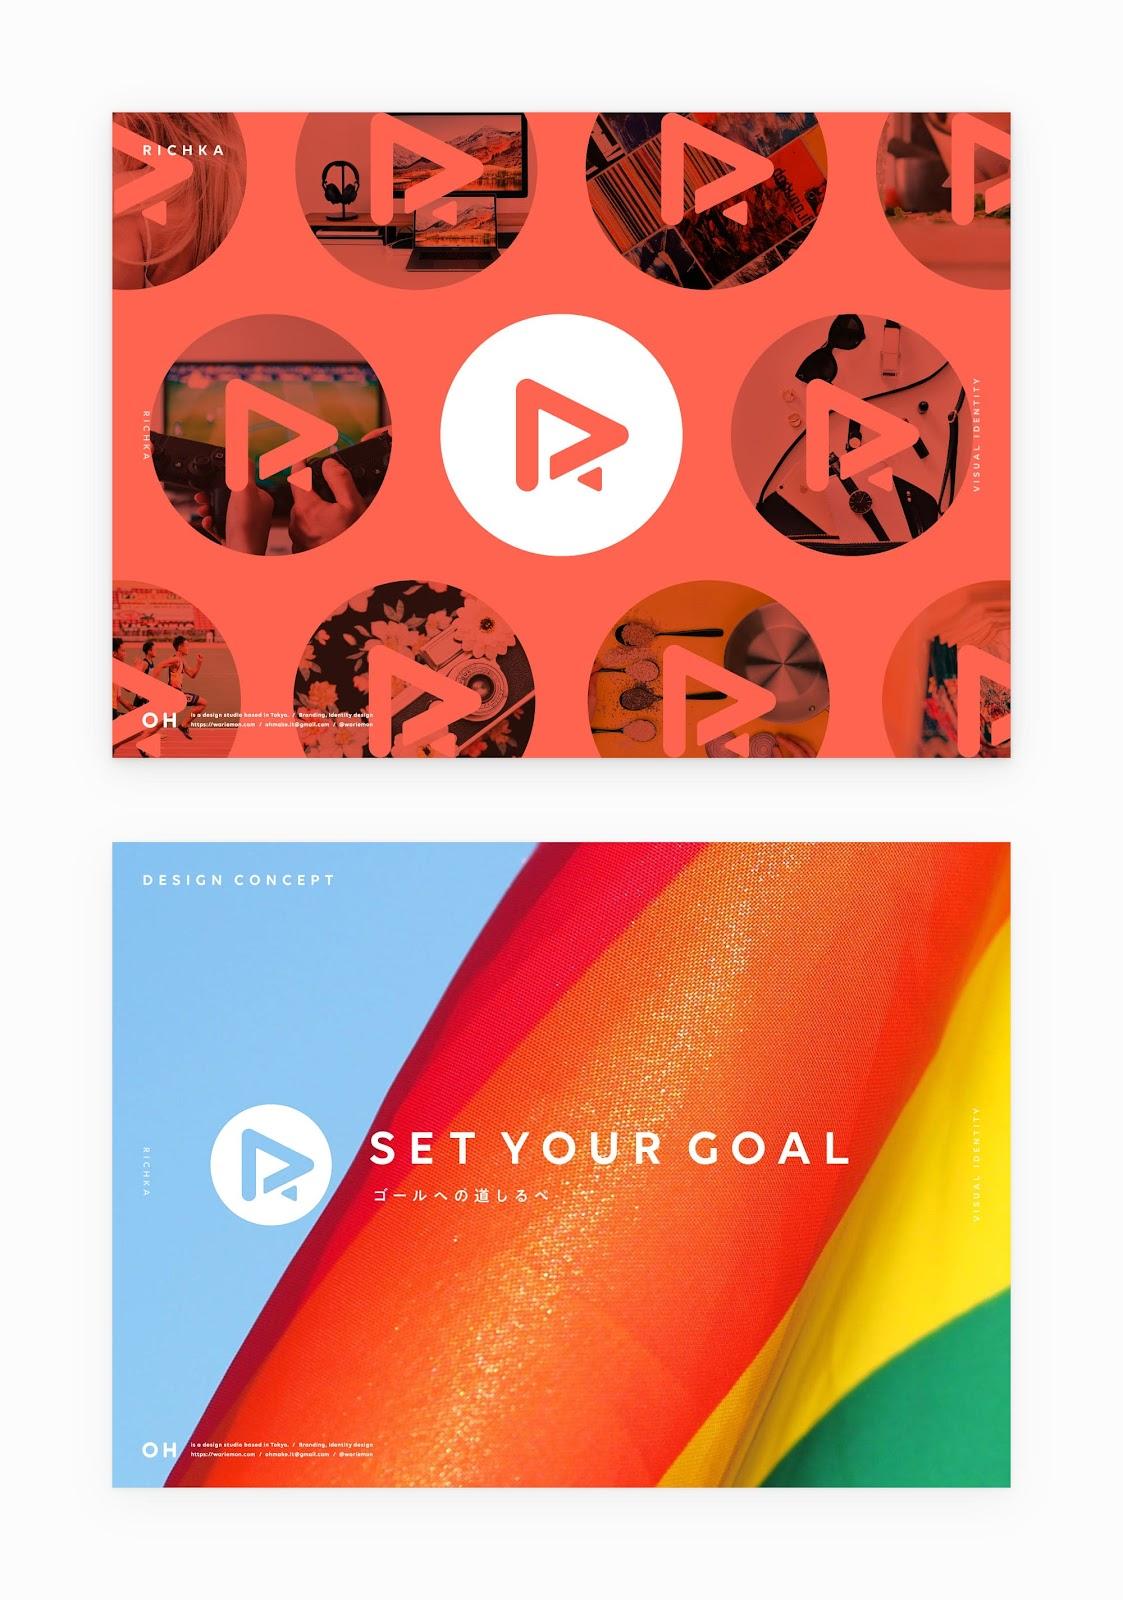 動画広告生成プラットフォーム『RICHKA』のデザインコンセプト